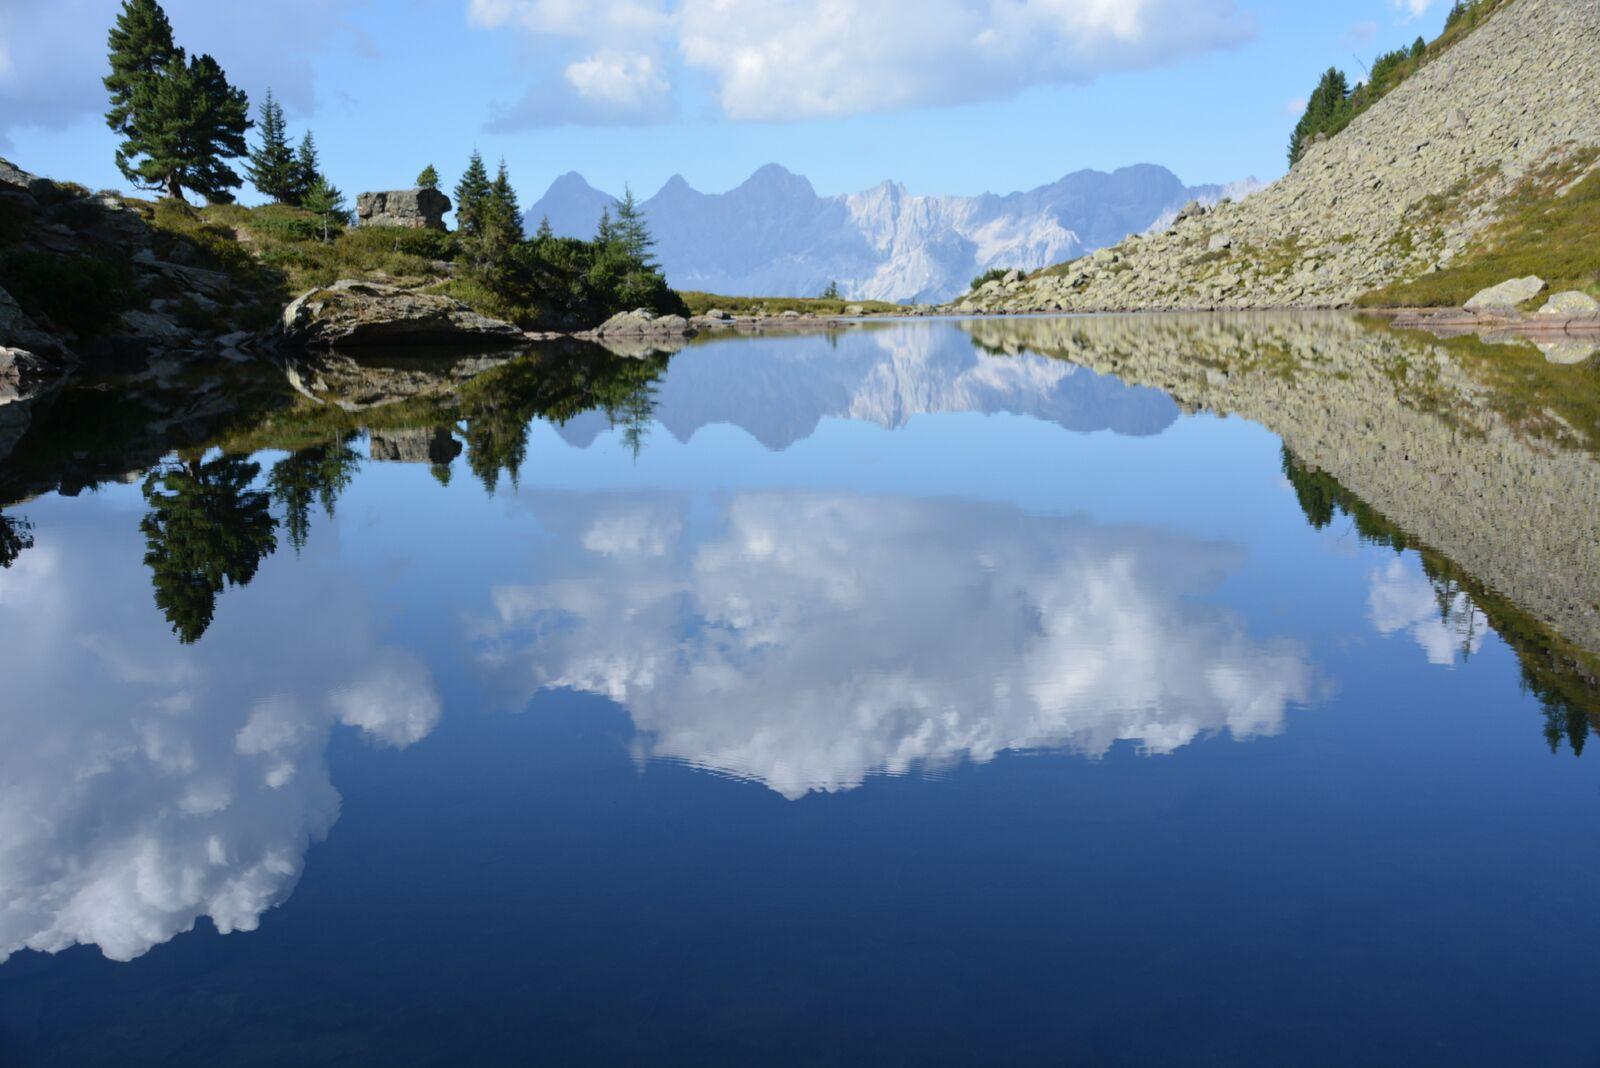 dachstein-spiegelsee-austria-hiking-wanderlust8